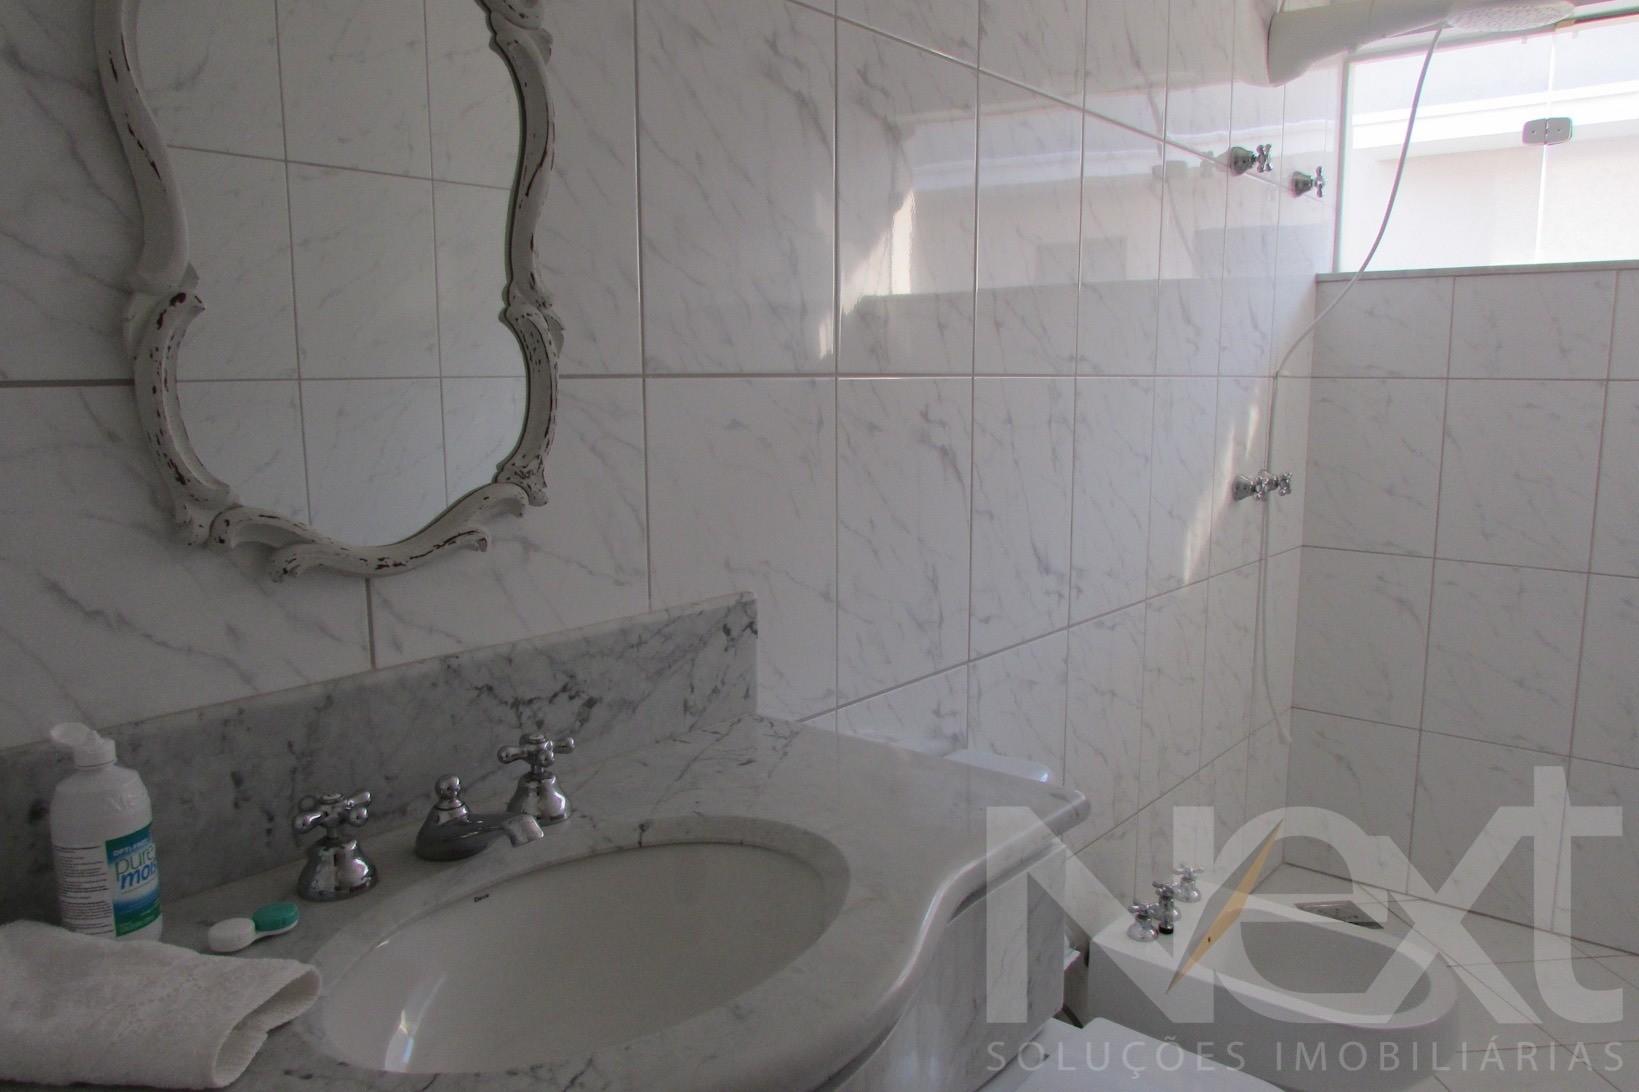 Sobrado de 3 dormitórios em Alphaville Dom Pedro, Campinas - SP